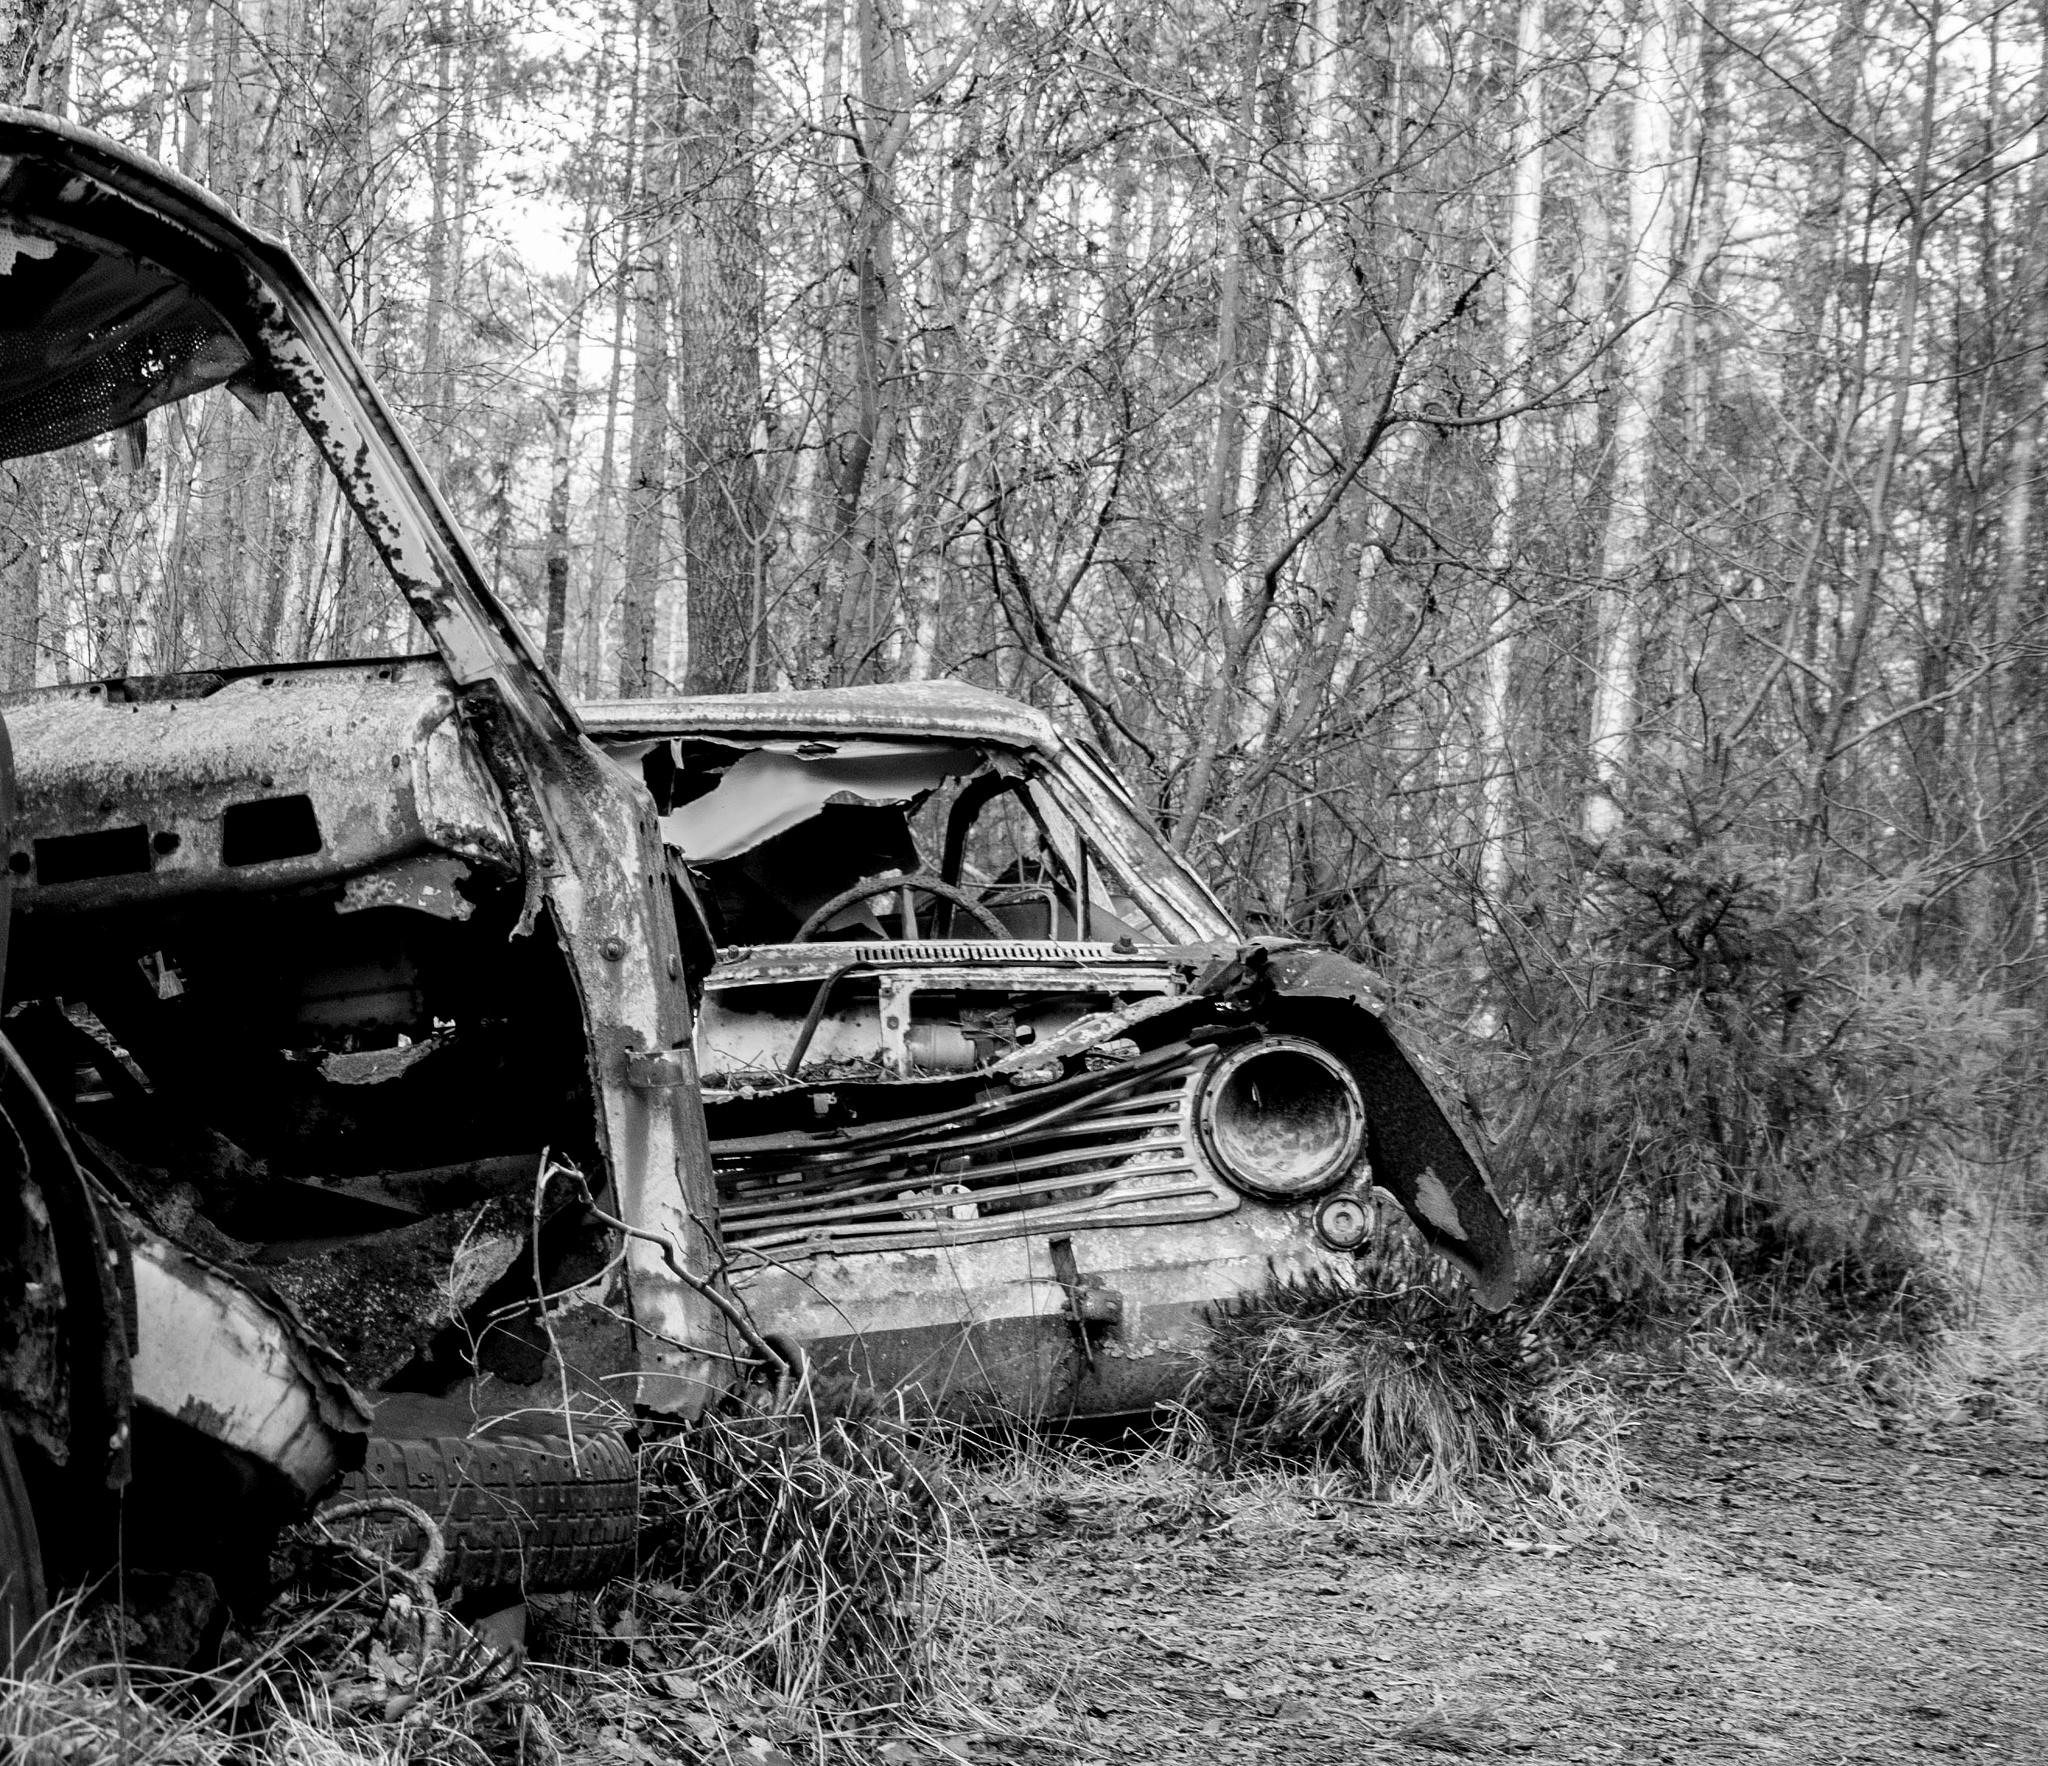 Car cemetery, Småland, Sweden by Ninja-Li Einarsen Stahre